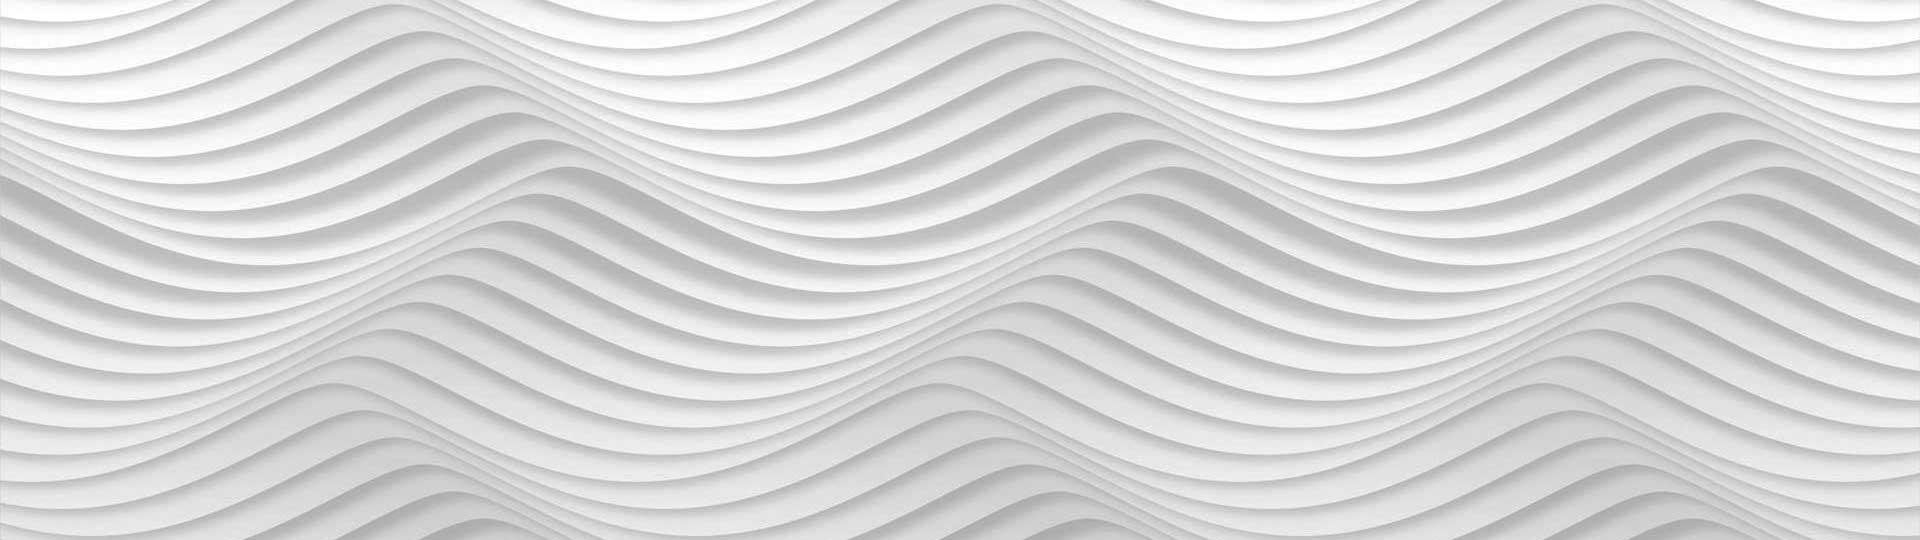 ondas-logomarca-anibal-sa-design